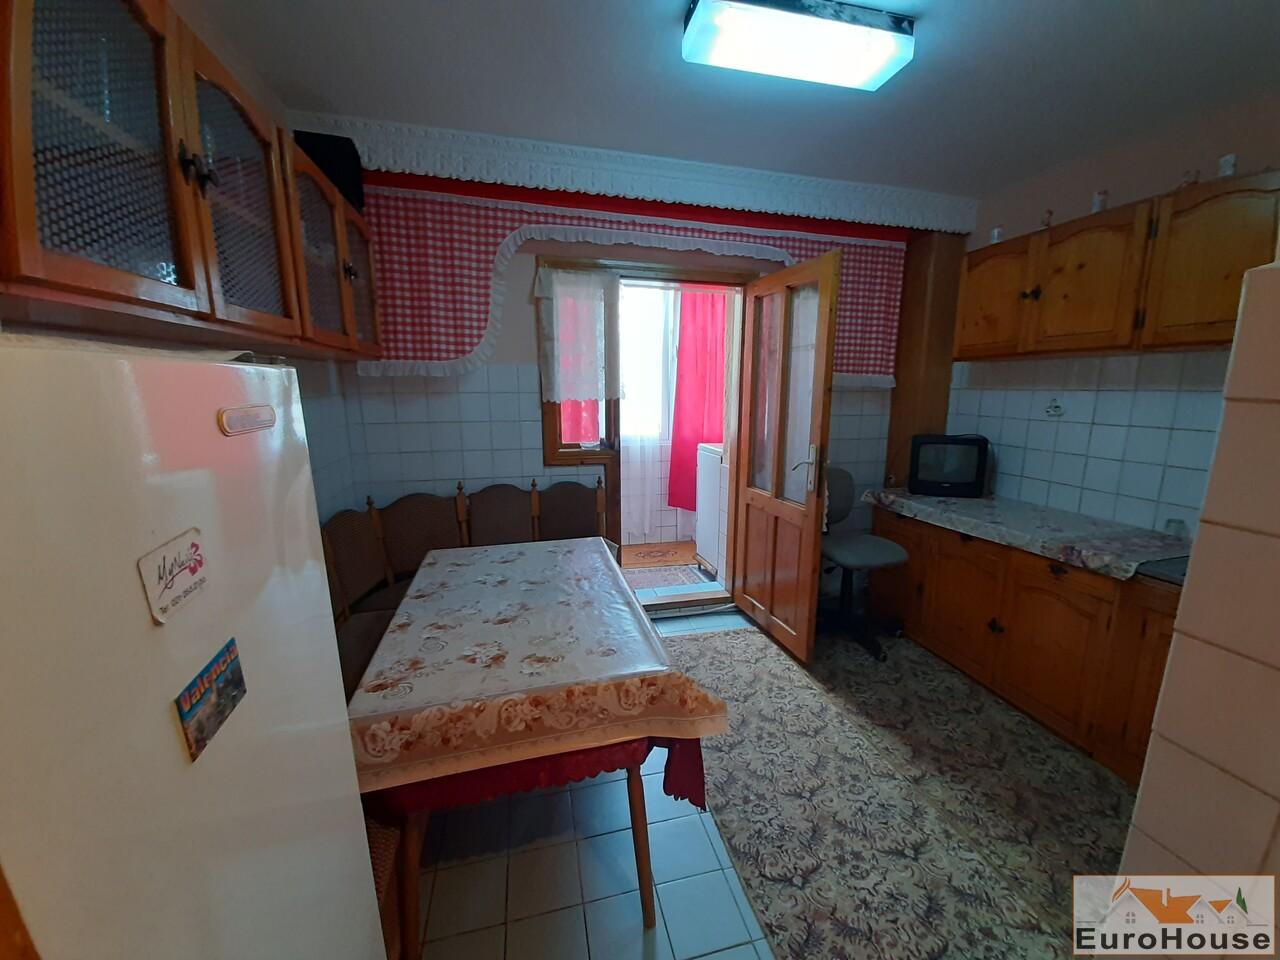 Apartament cu 2 camere de inchiriat in Alba Iulia -35245-